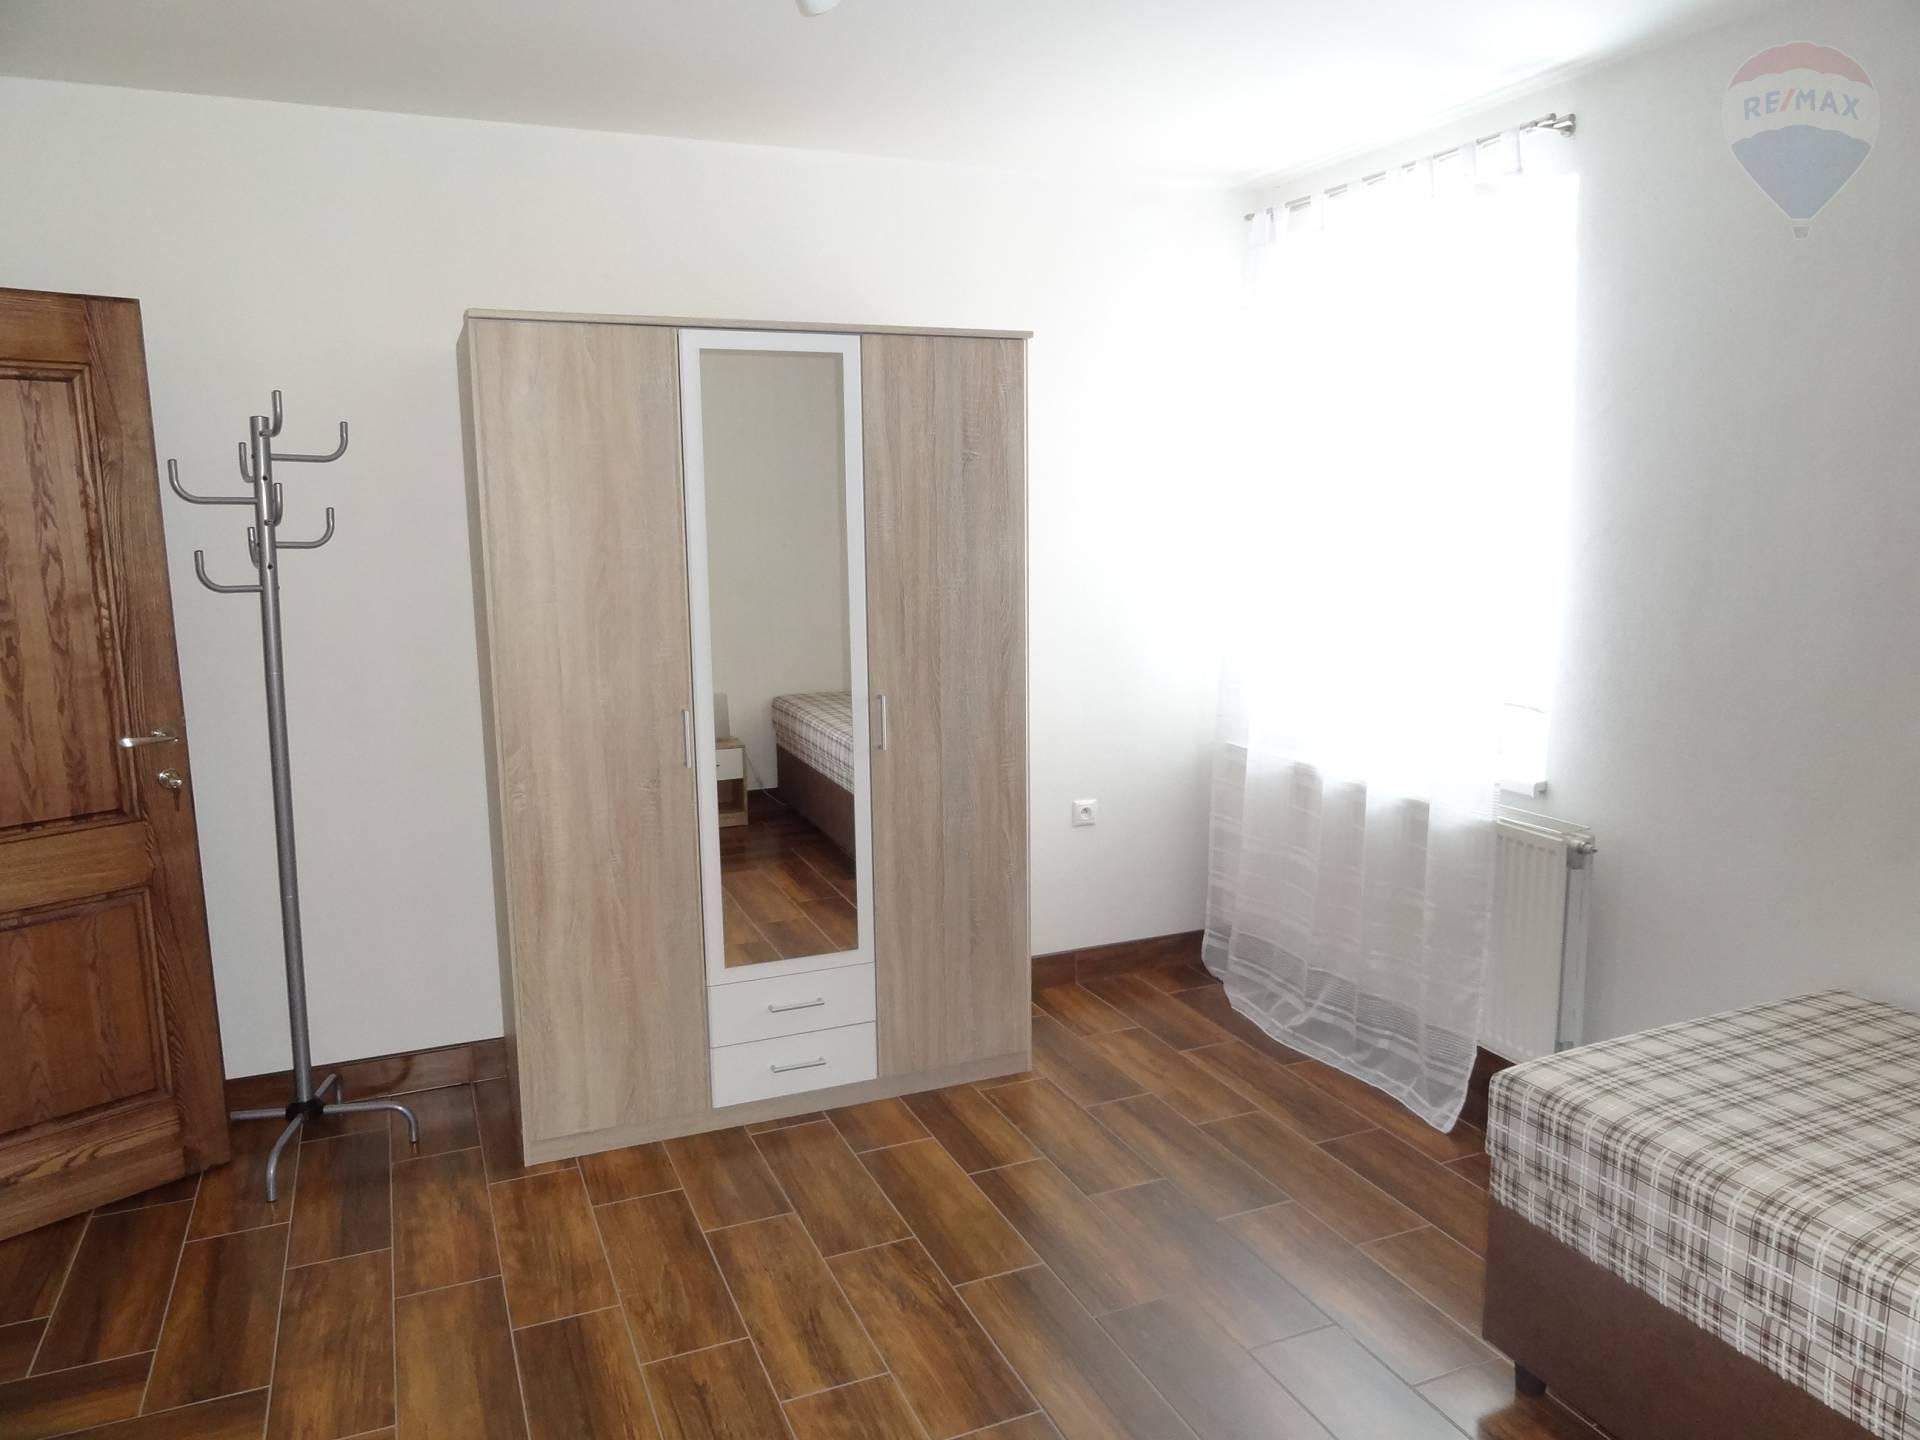 Prenájom domu 220 m2, Nitra -